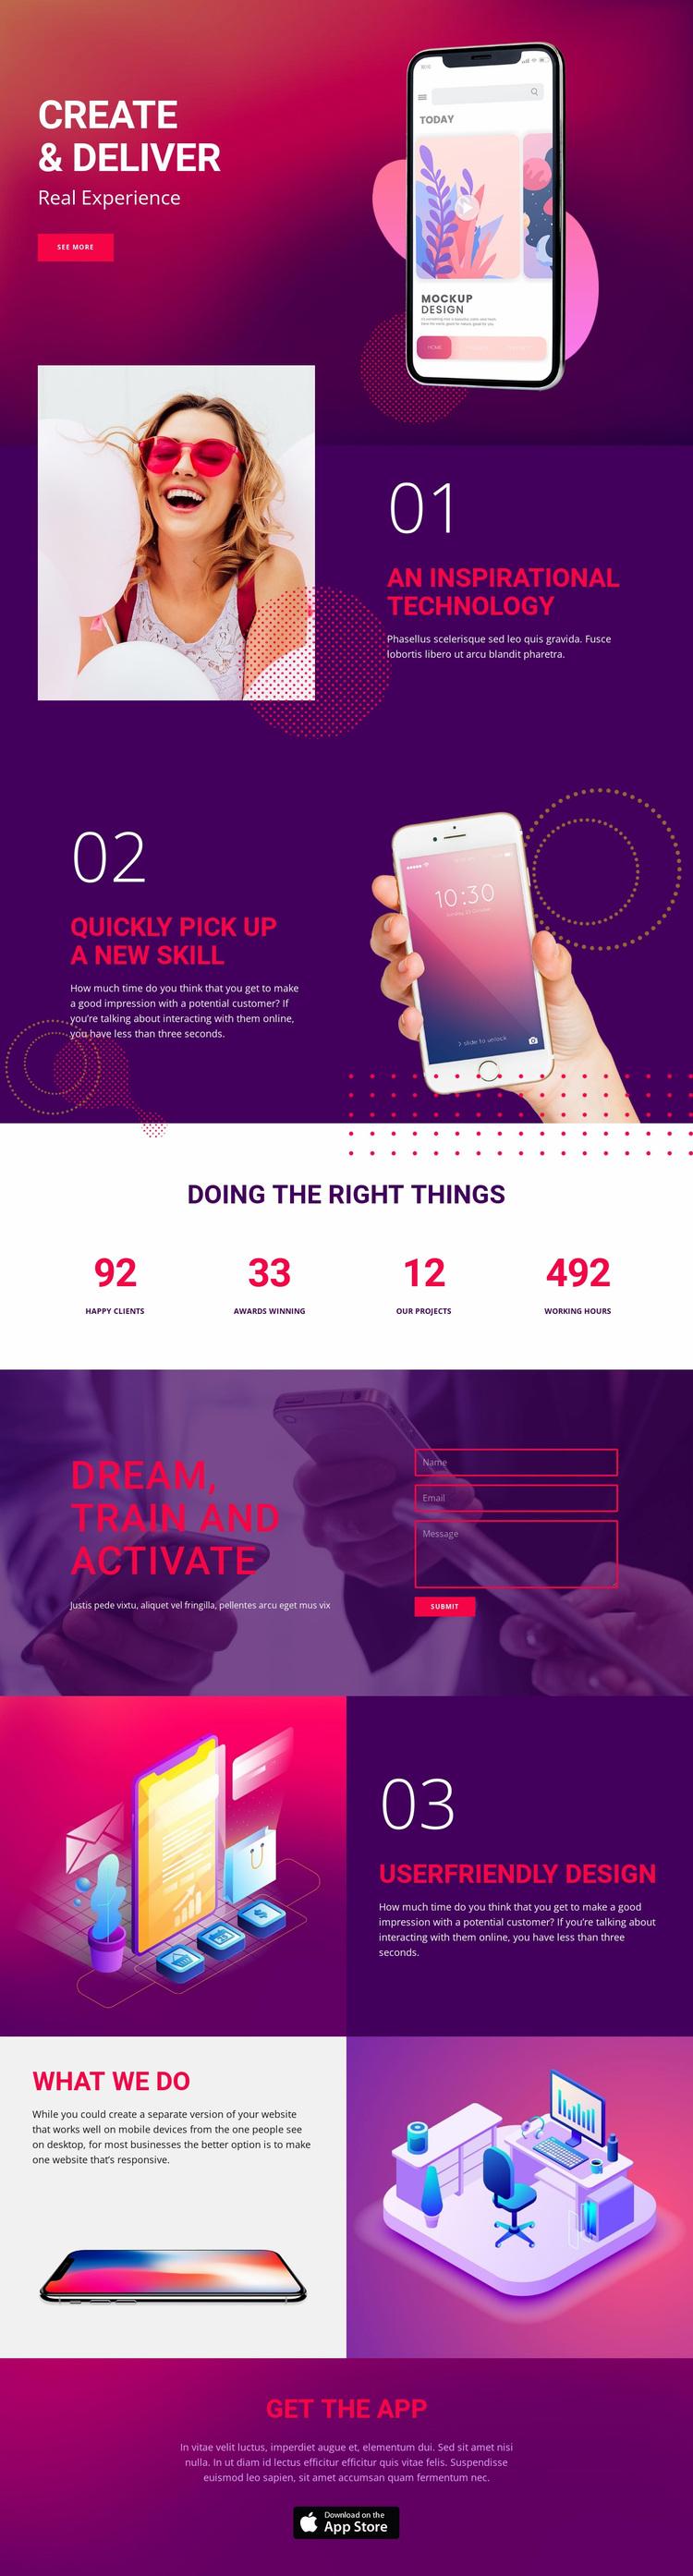 Delivery technology Website Design